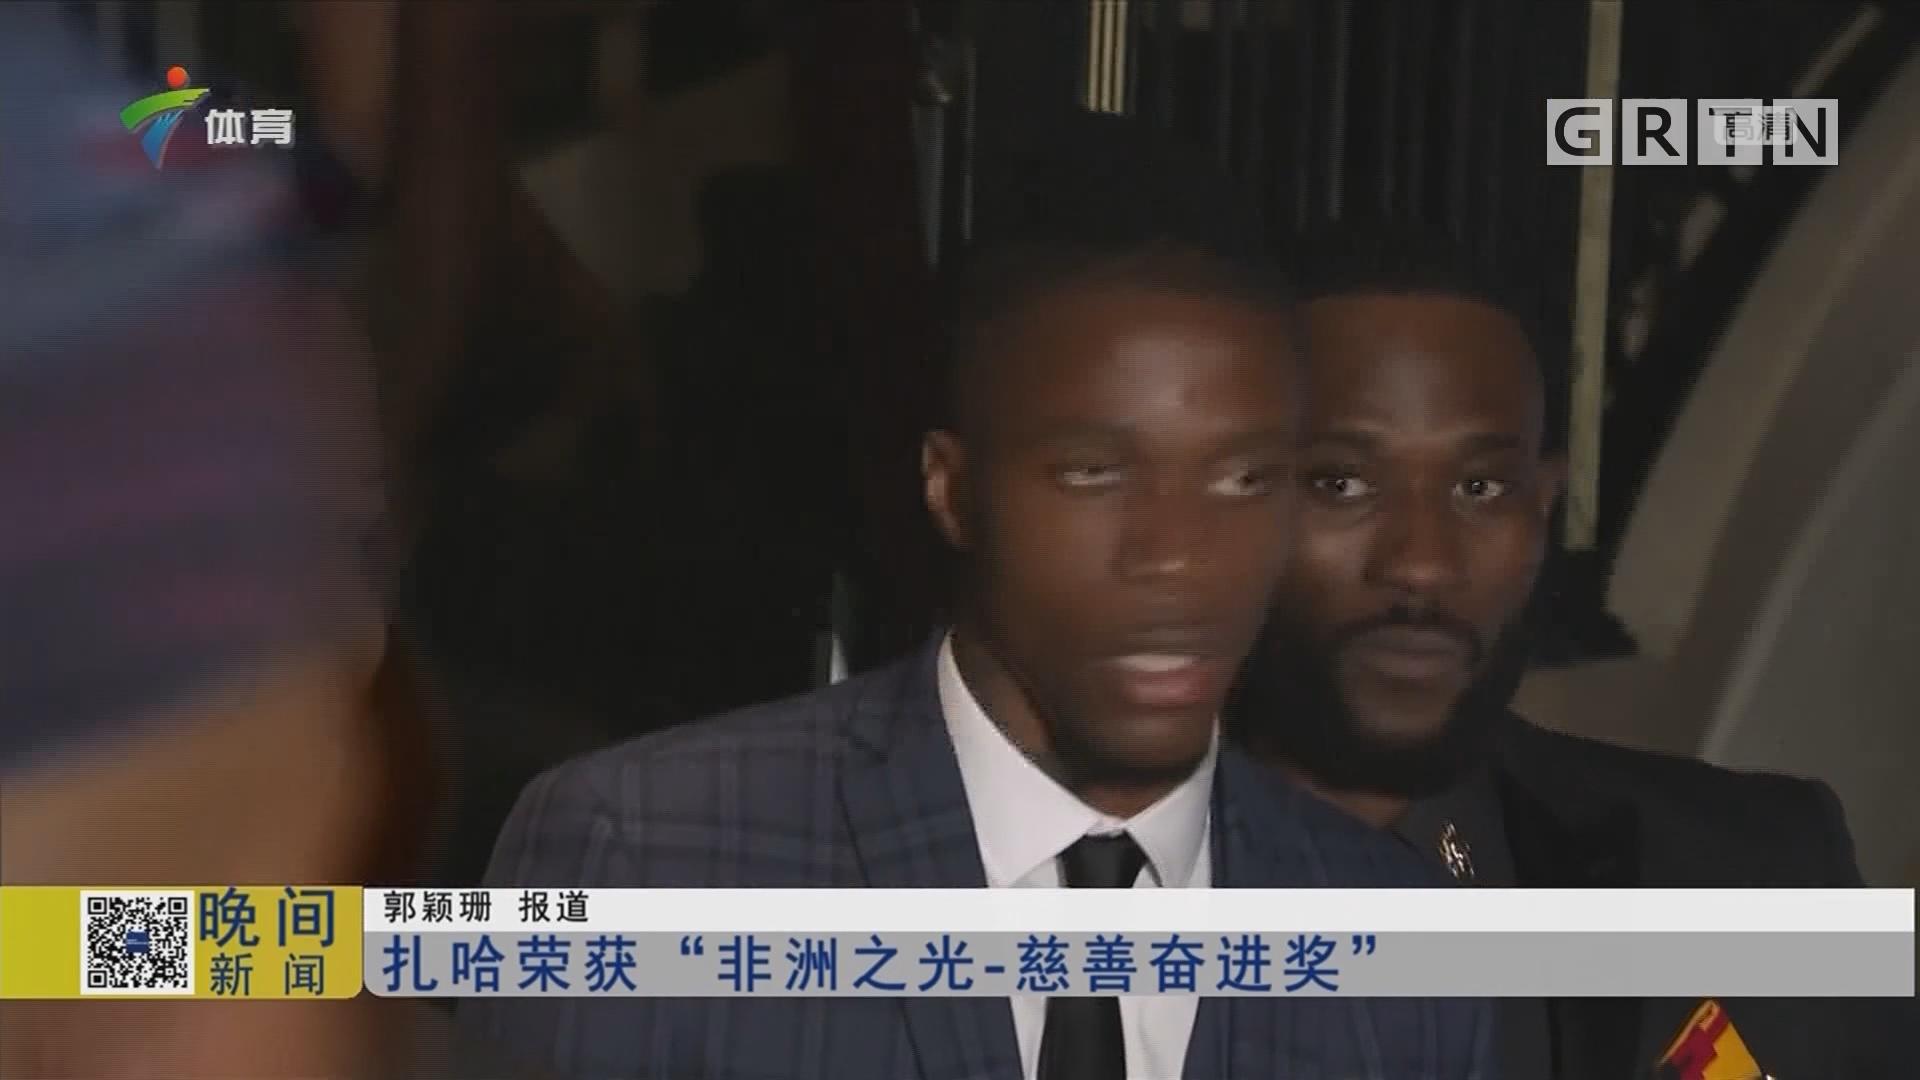 """扎哈榮獲""""非洲之光-慈善奮進獎"""""""